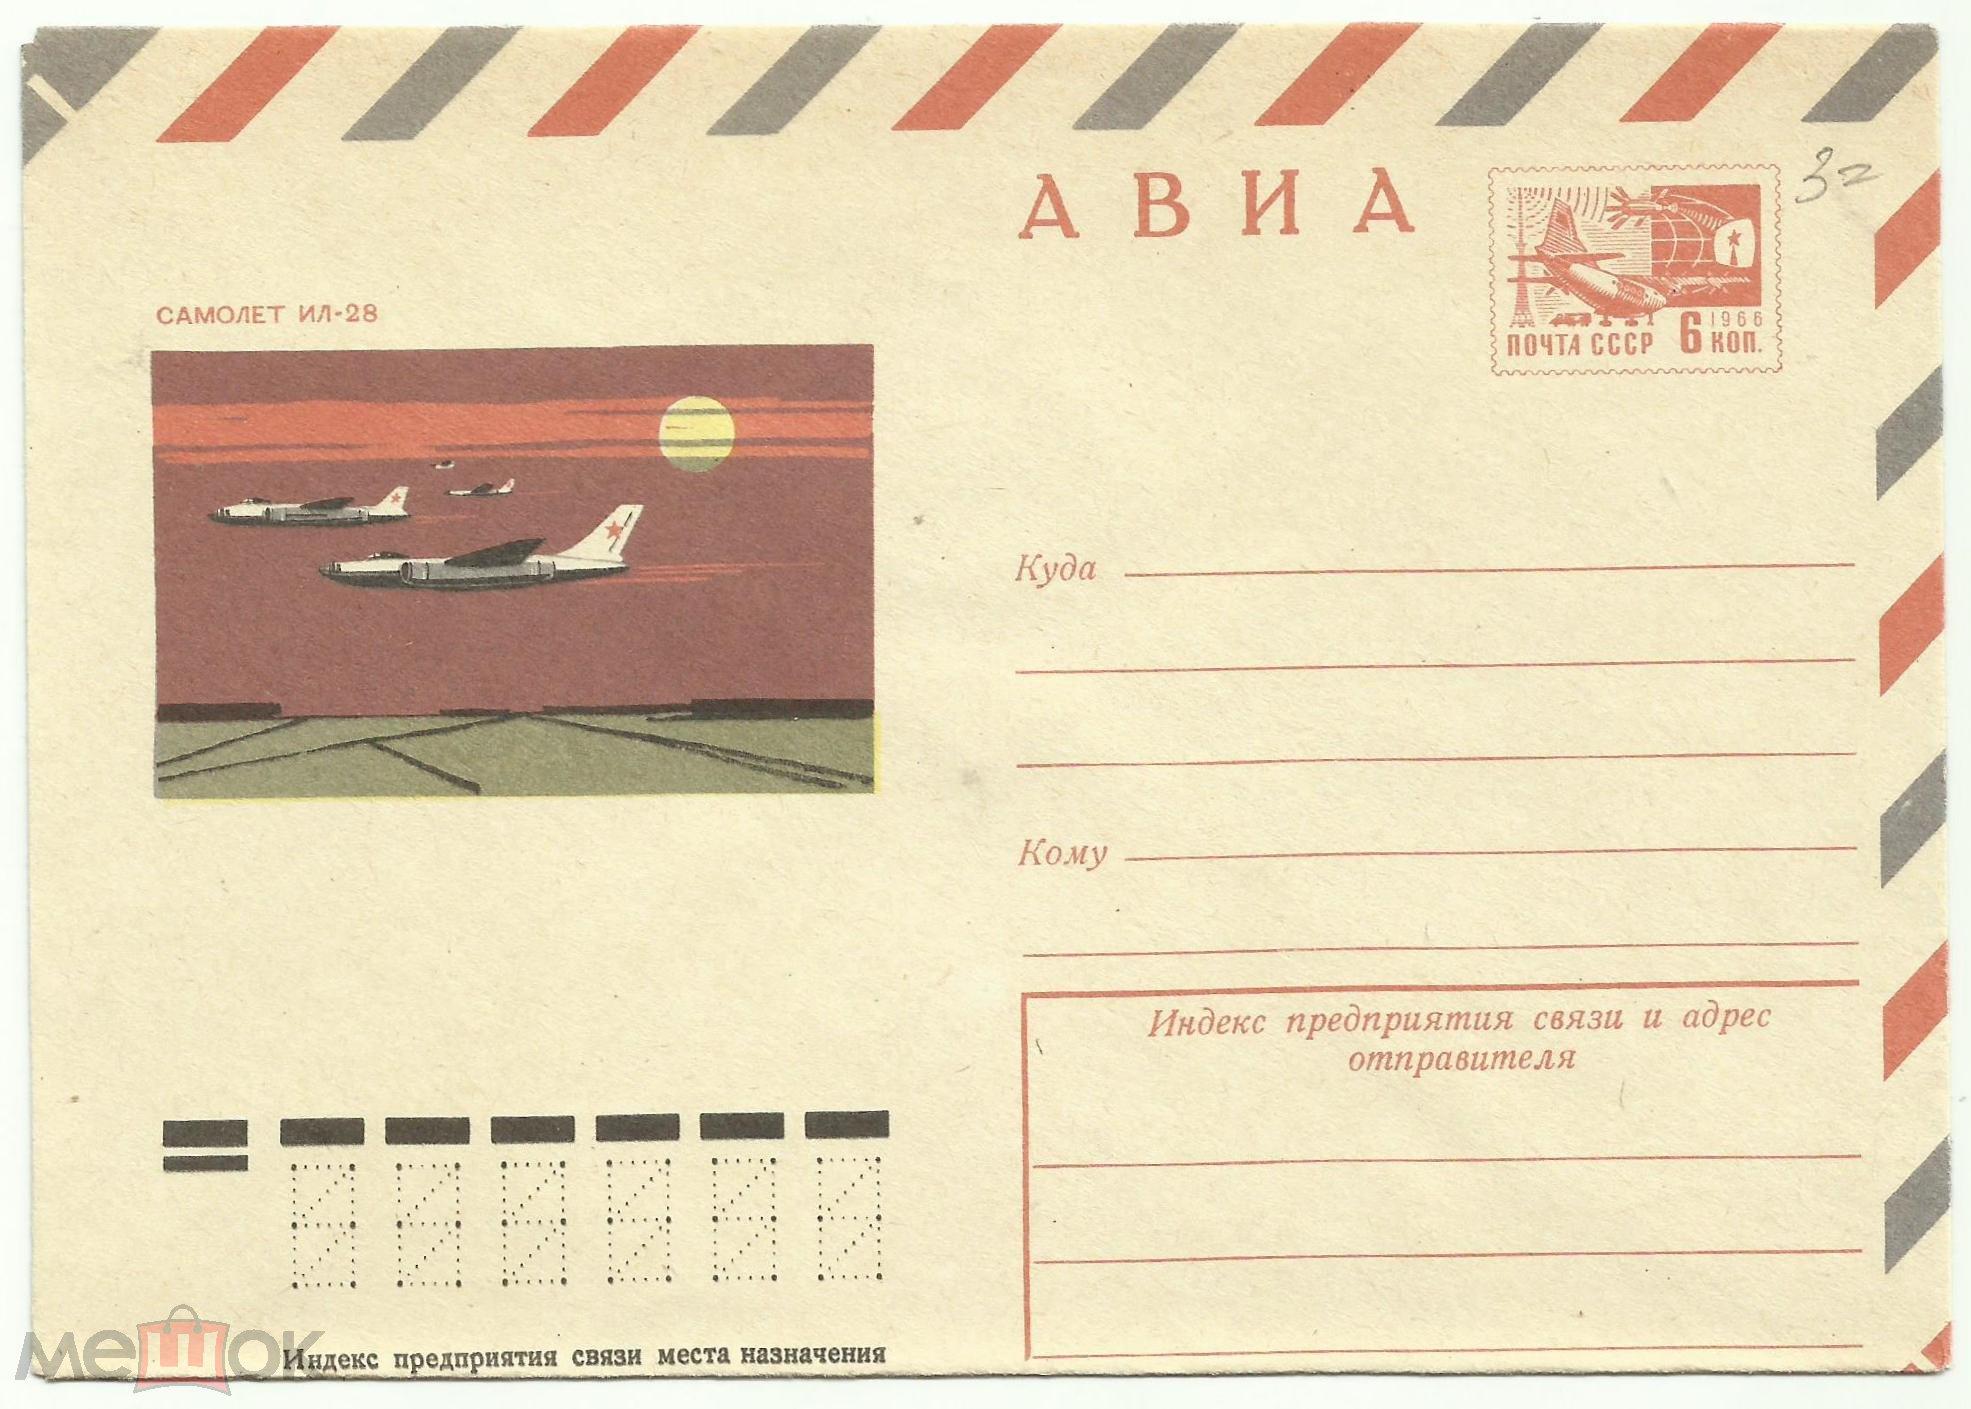 ХМК Самолет ИЛ-28 1974 г. худ.В.Колосков (1)